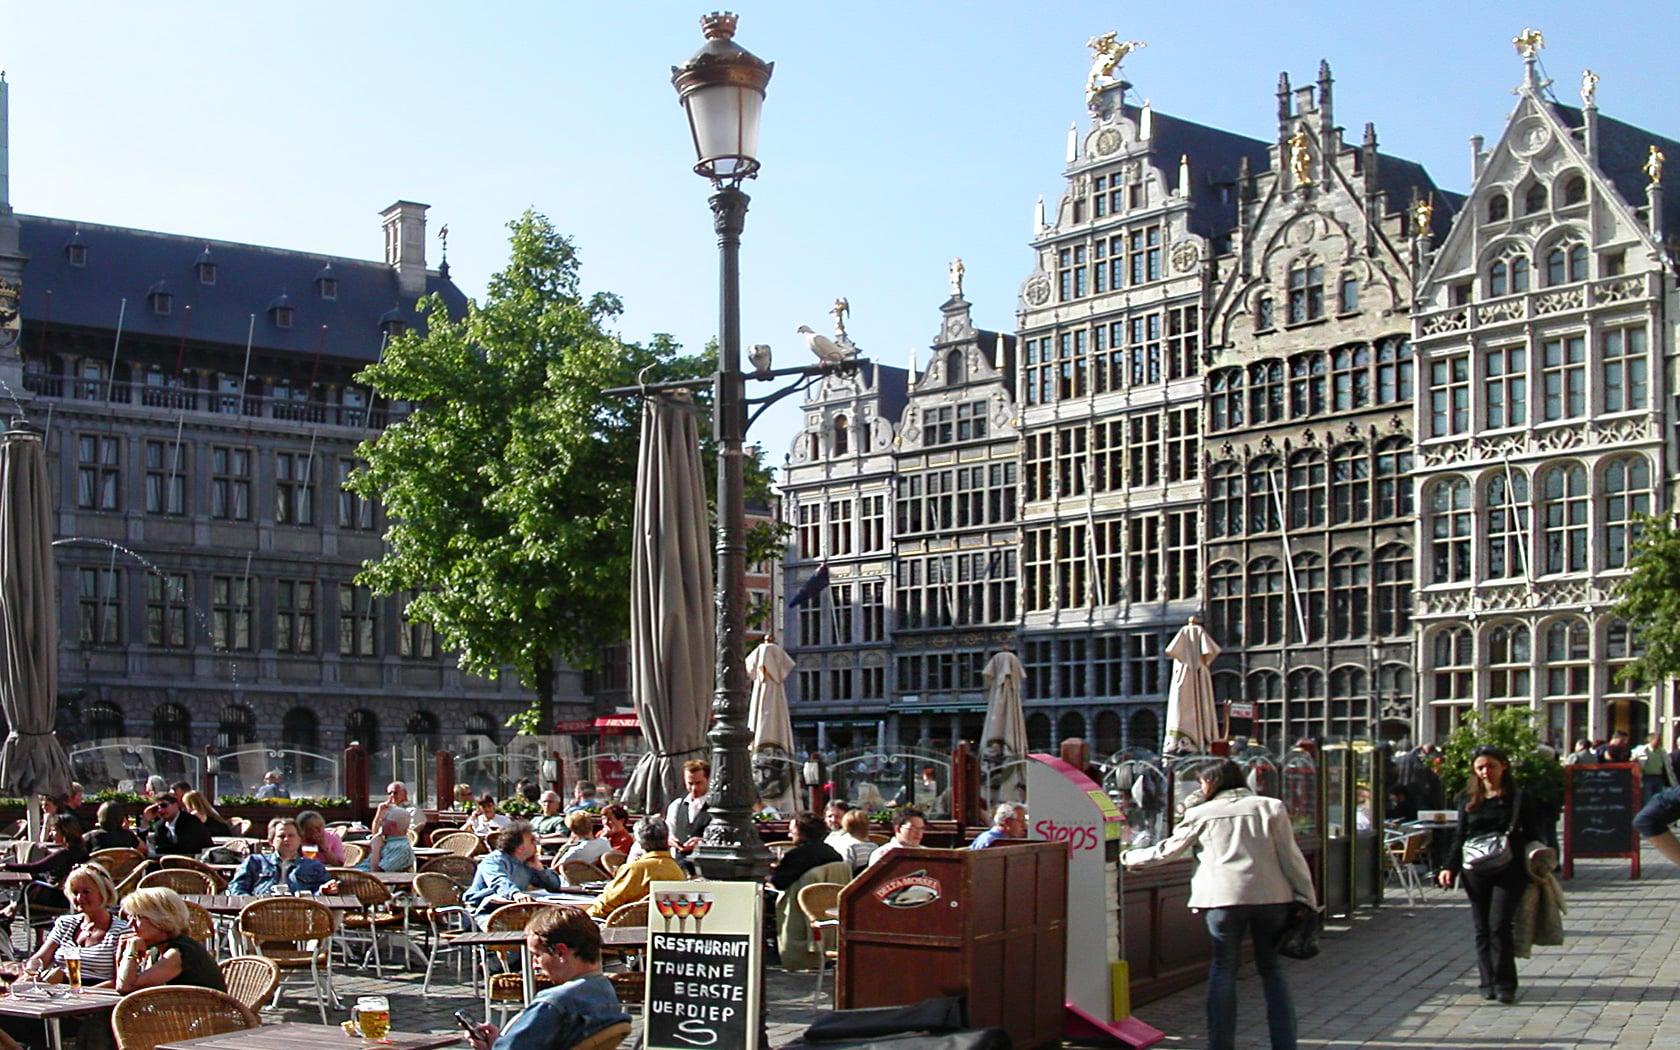 camping-diepvennen_omgeving_Antwerpen